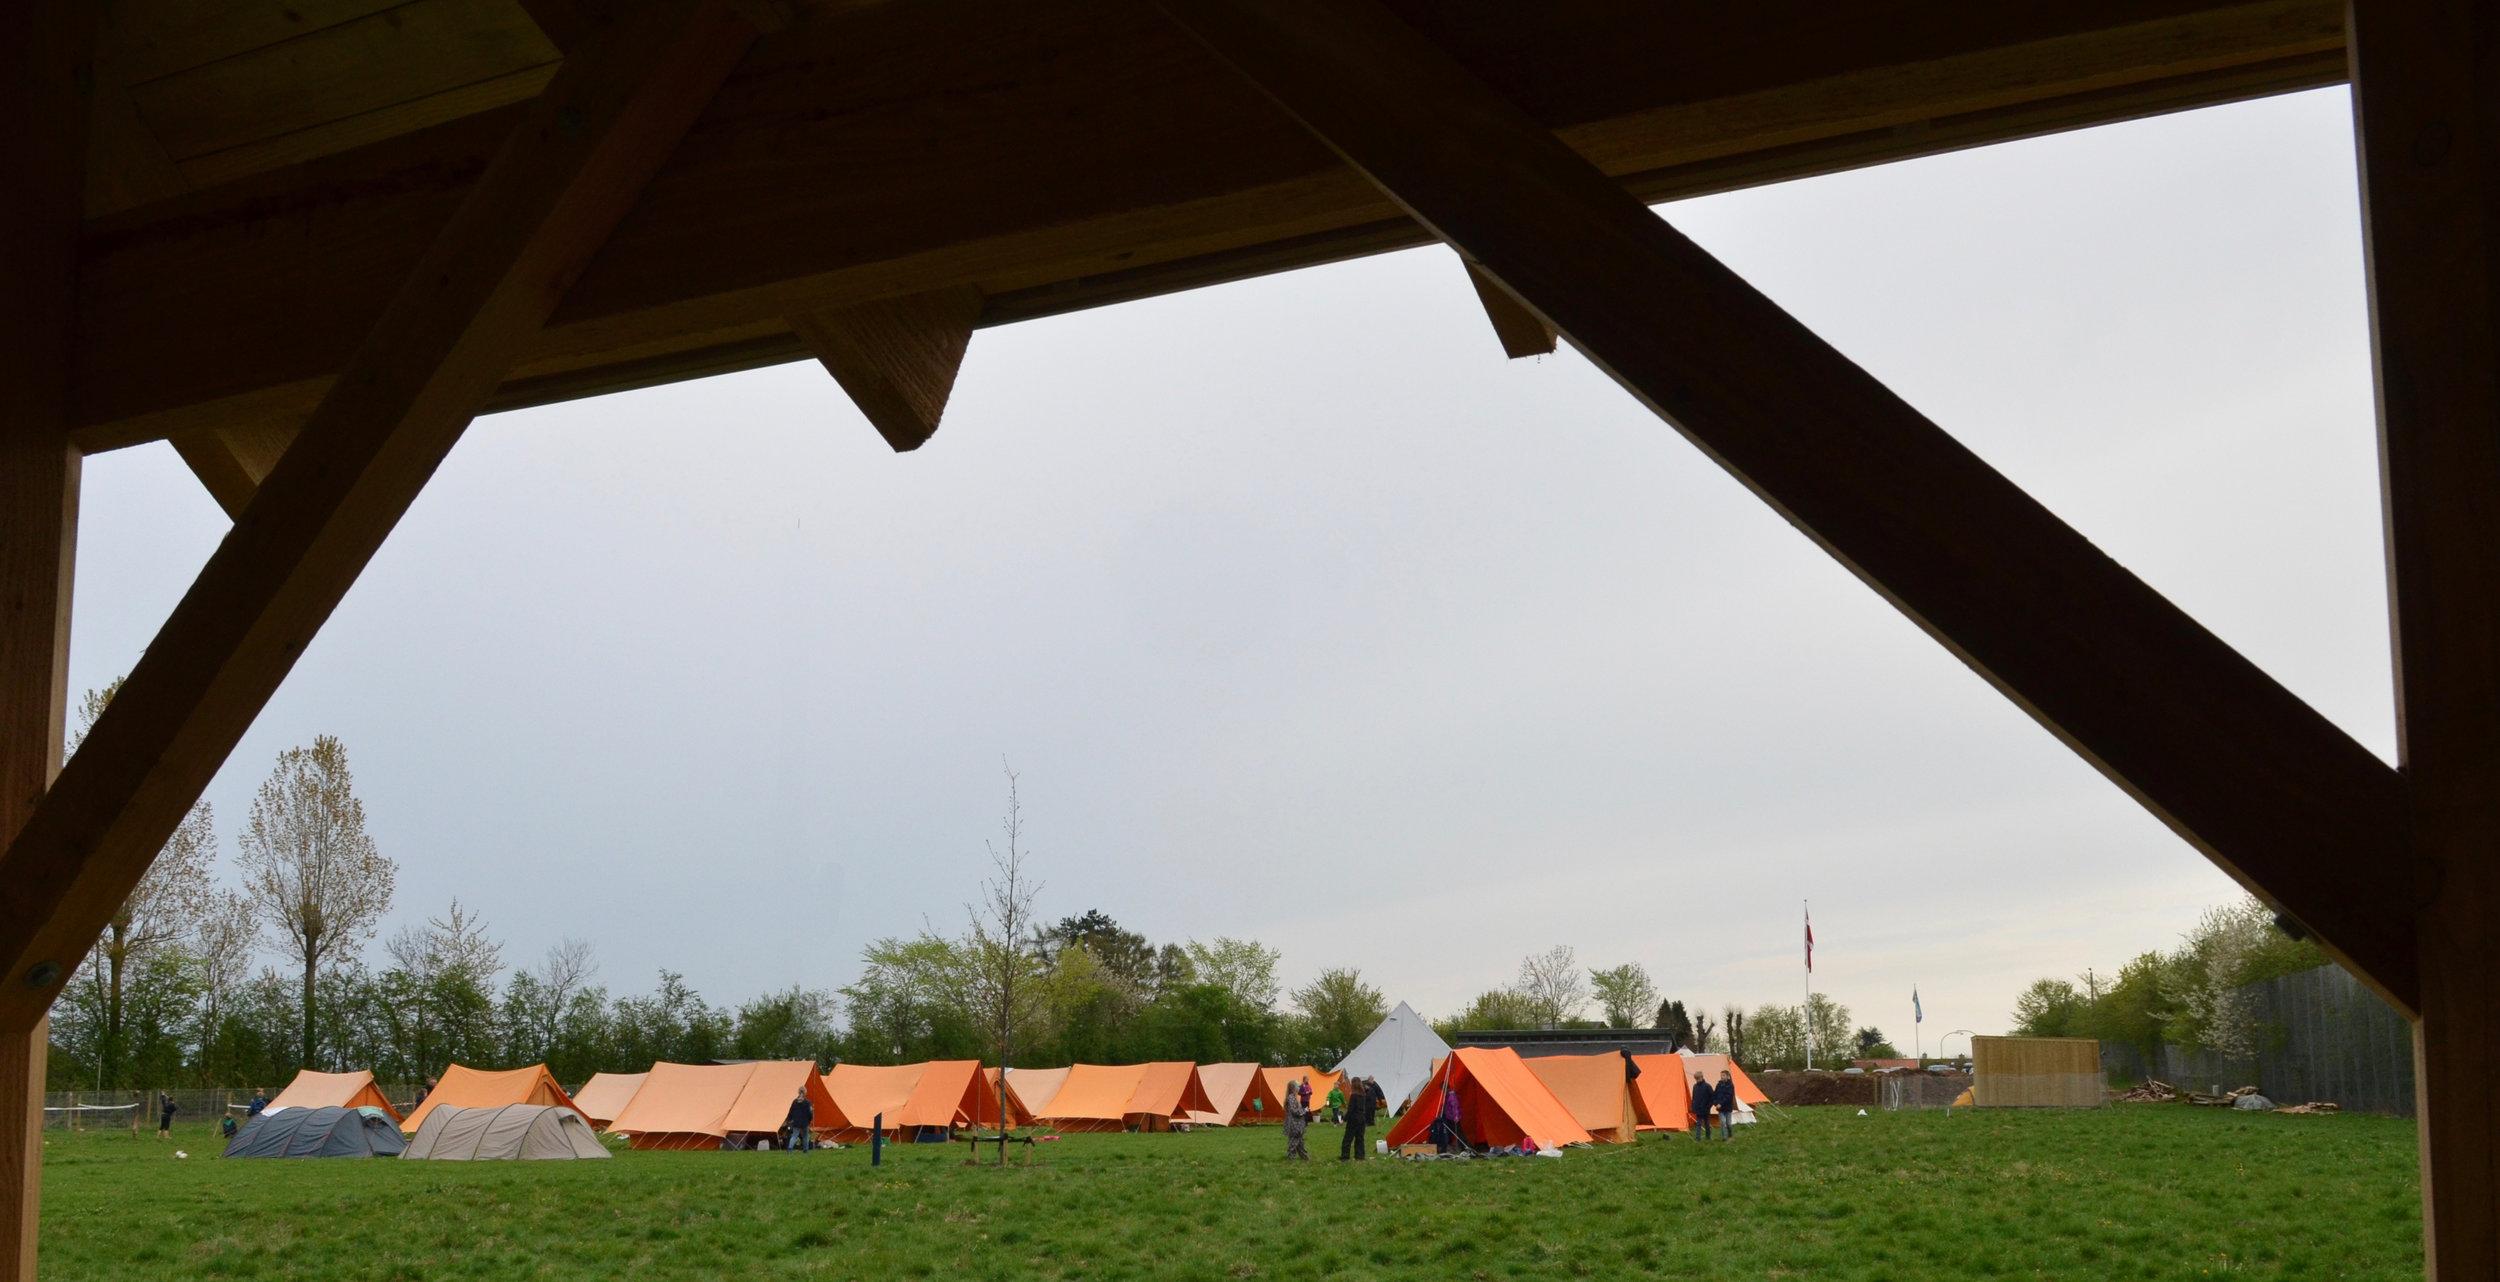 Selvom det var styrtende regn lørdag formiddag, holdt det ikke de friske spejdere tilbage, som hurtigt fik rejst en kæmpe orange teltby. Foto: AOB